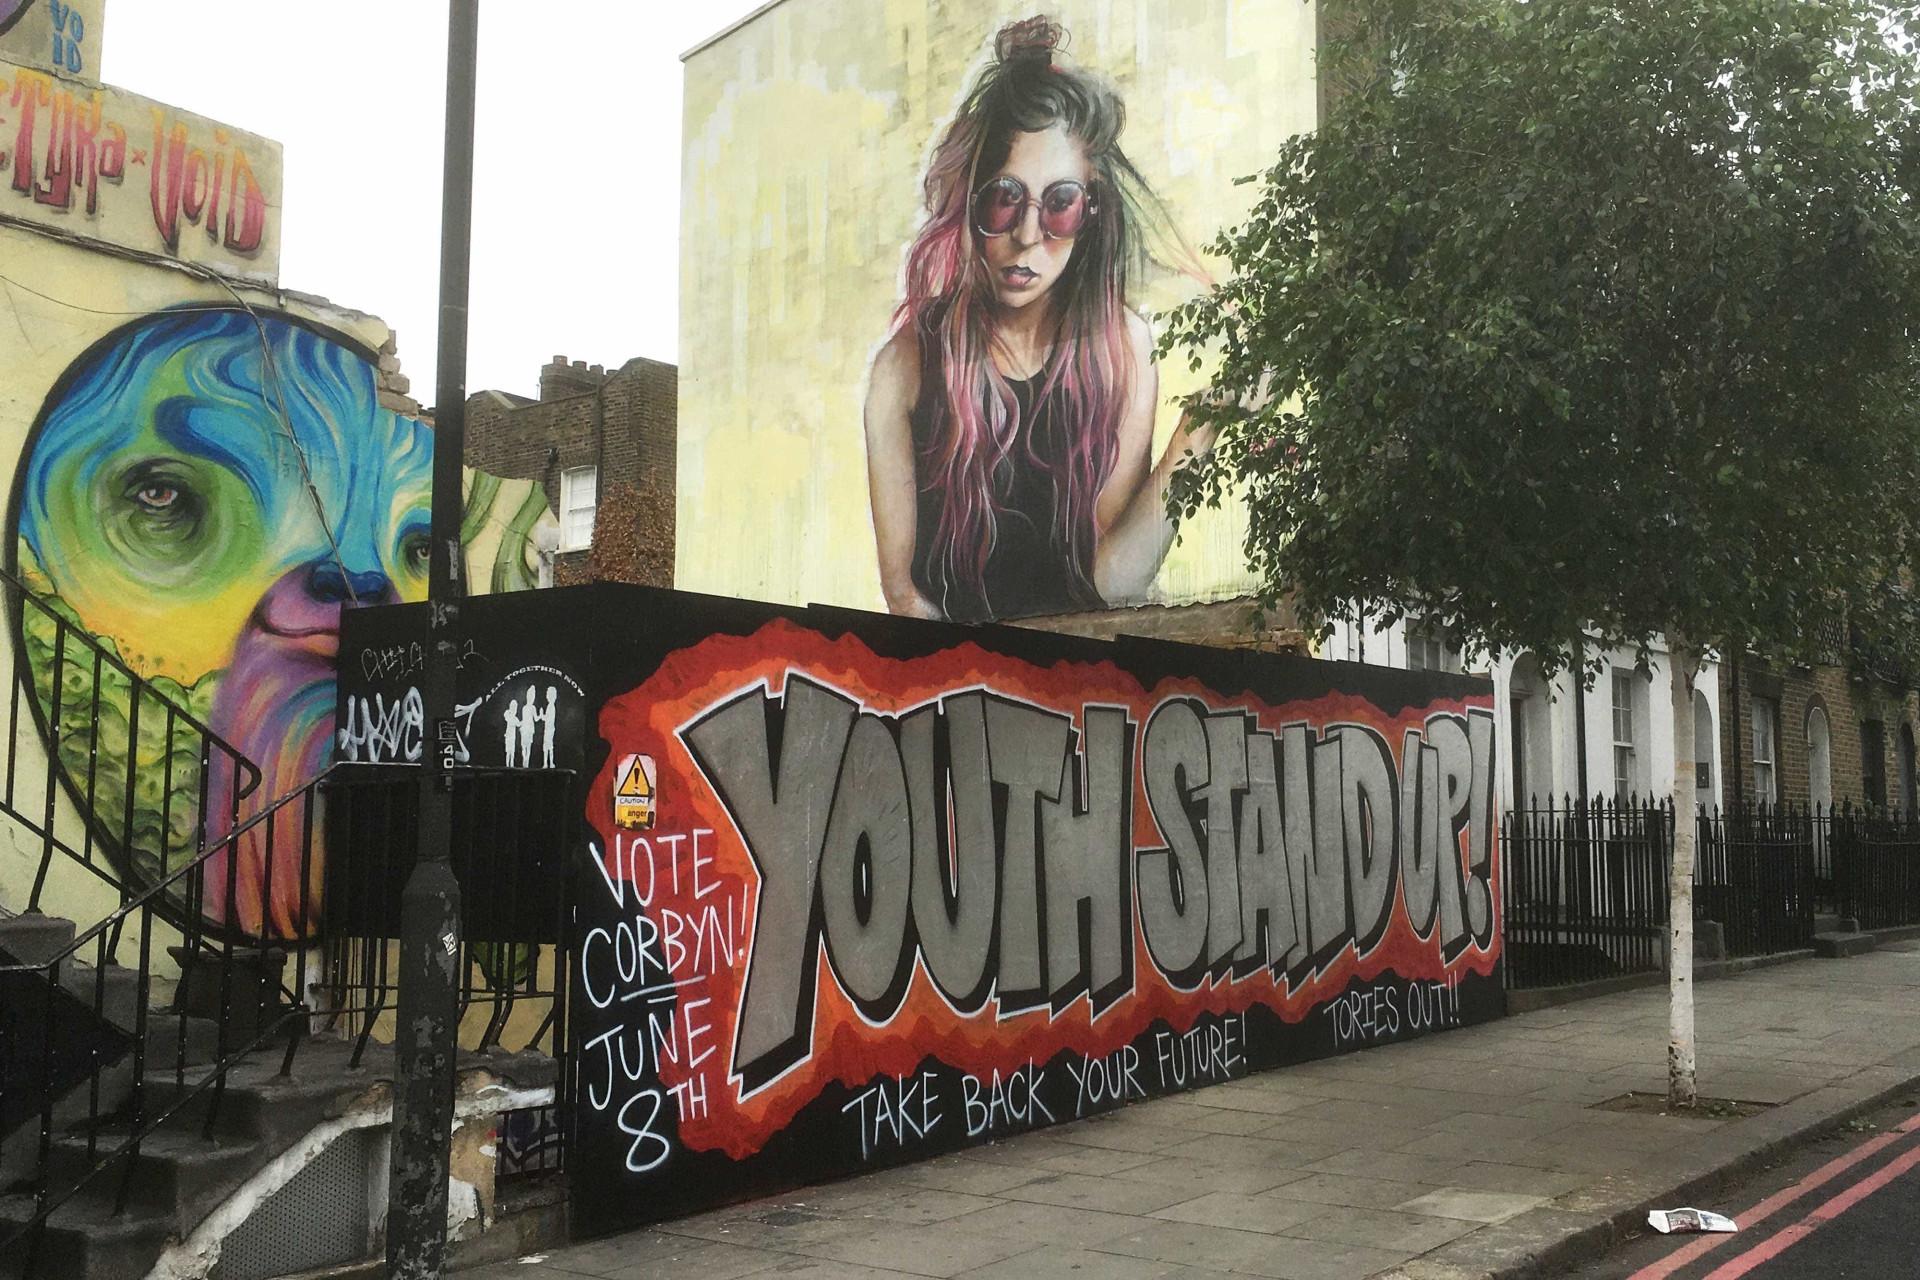 Vale a pena apreciar estes graffitis. São à prova de preconceitos